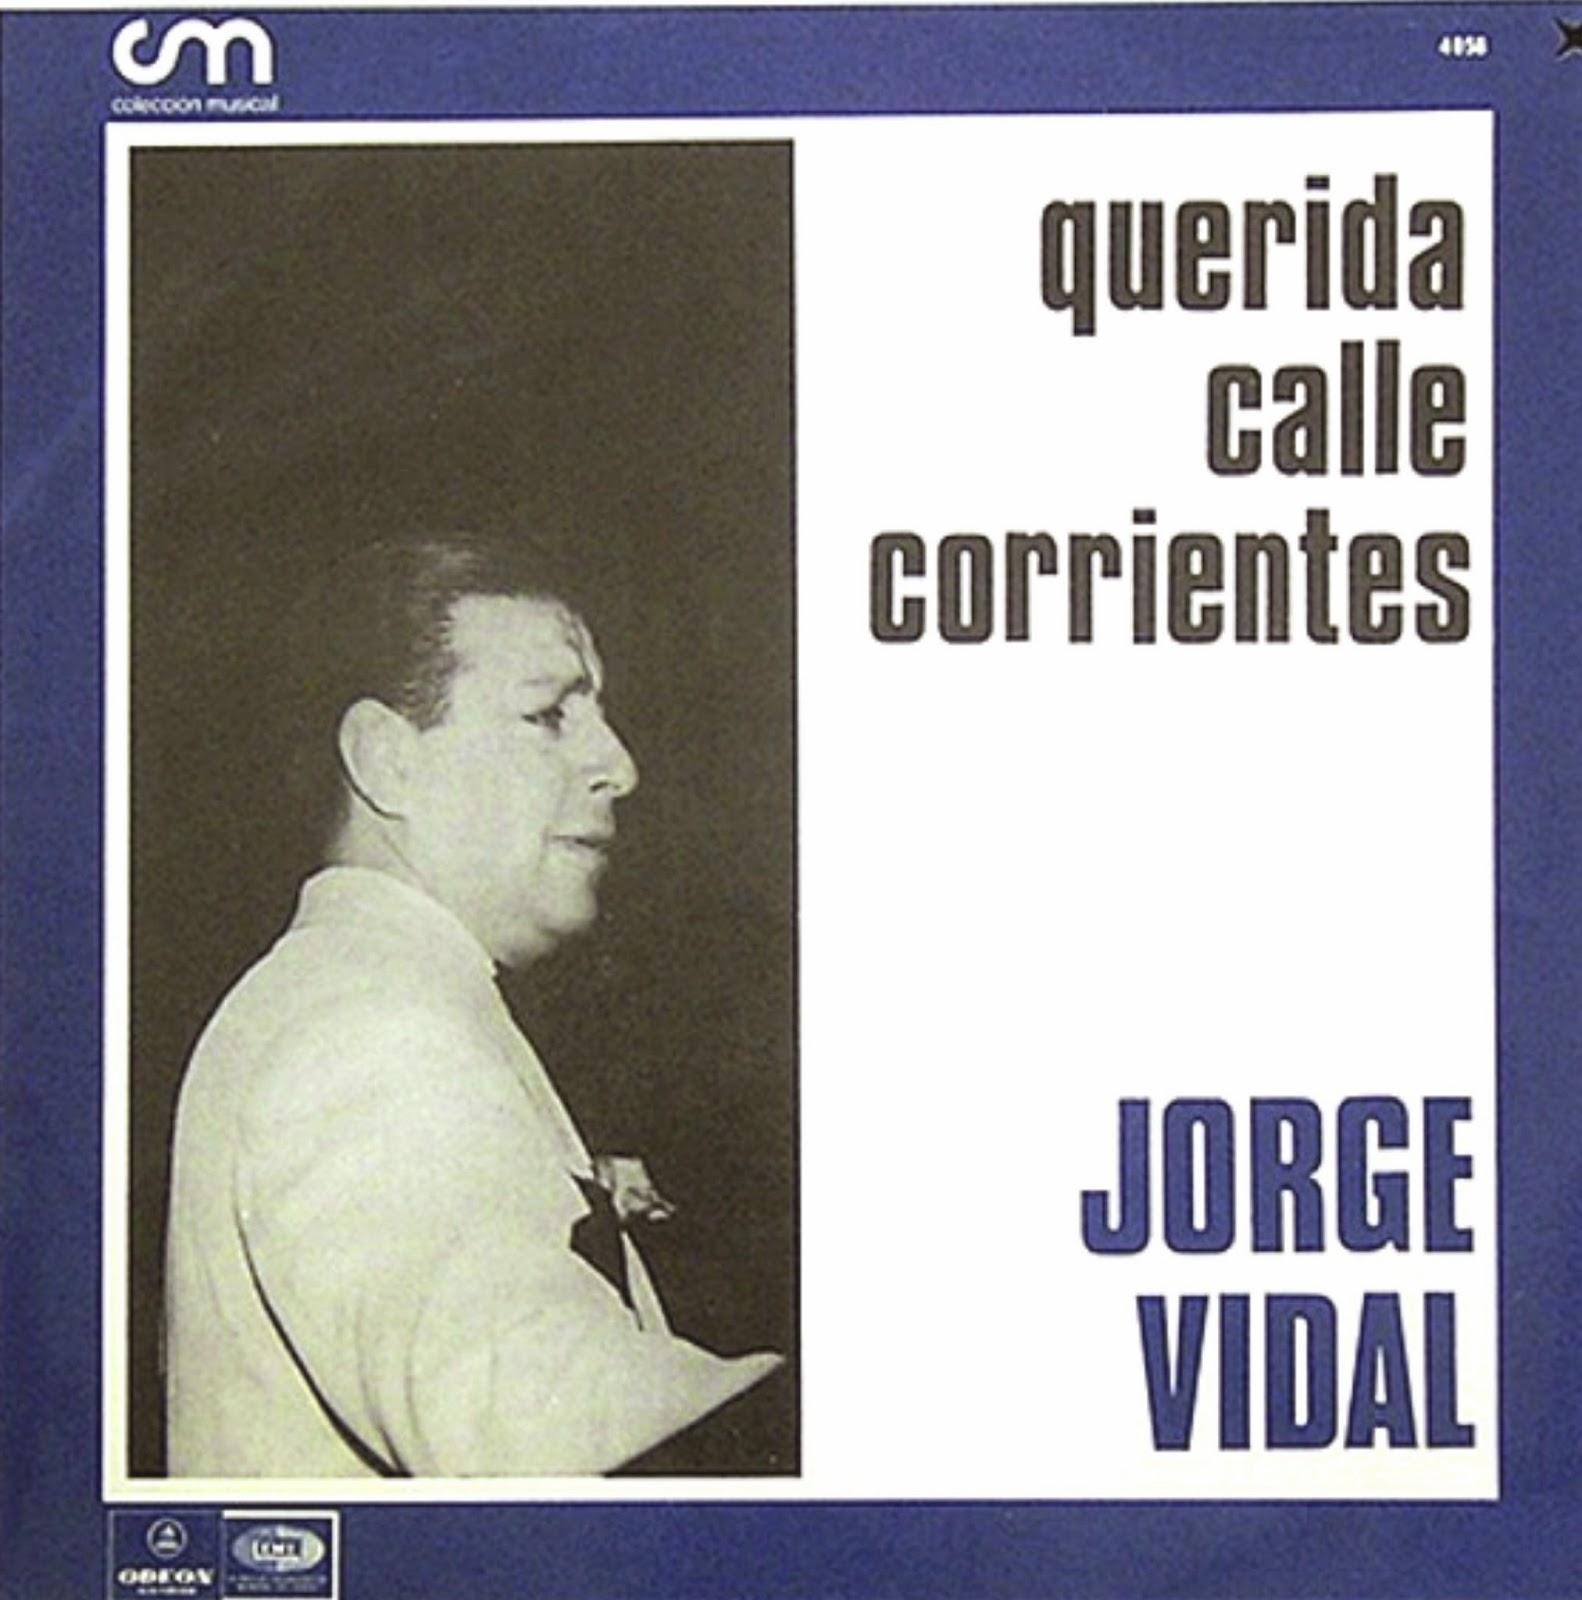 jorge vidal con violas los temas son acompaados por guitarras y contrabajo y se han colado por all las orquestas de argentino galvn y de hctor mara